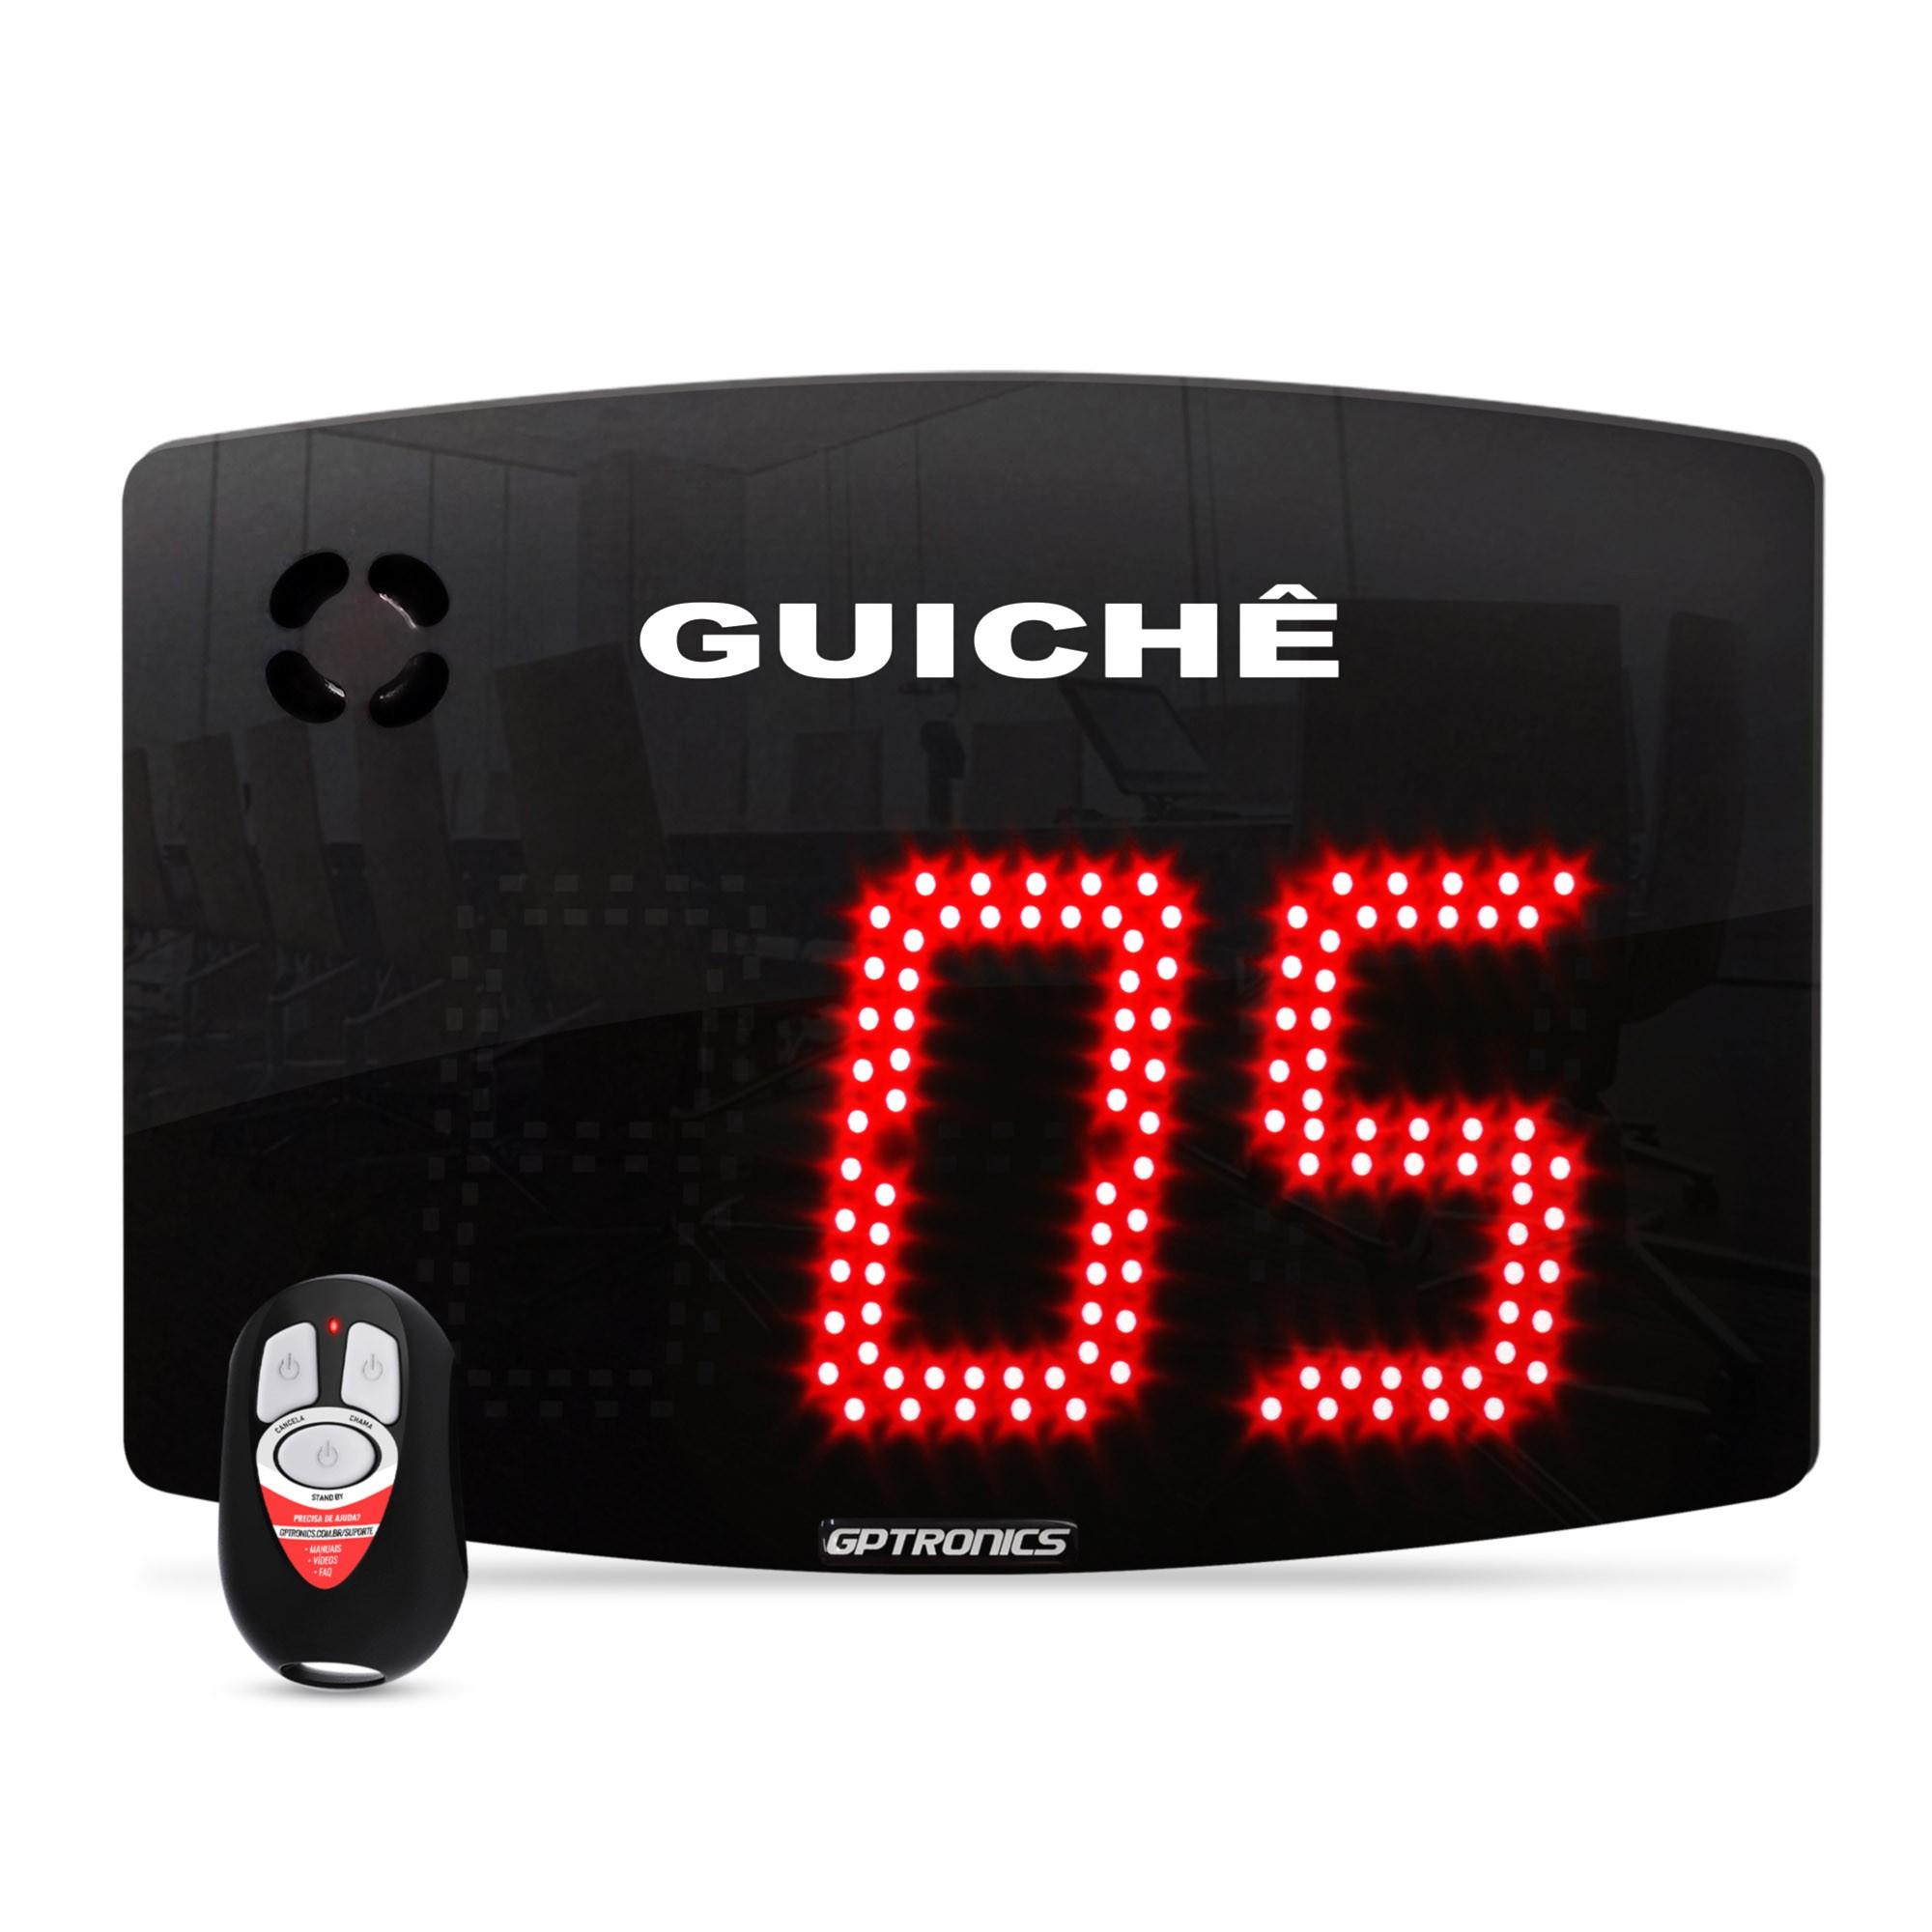 Painel Guichê Agilize Slim 40 G com 2 Controles WI - 28,5x22 cm